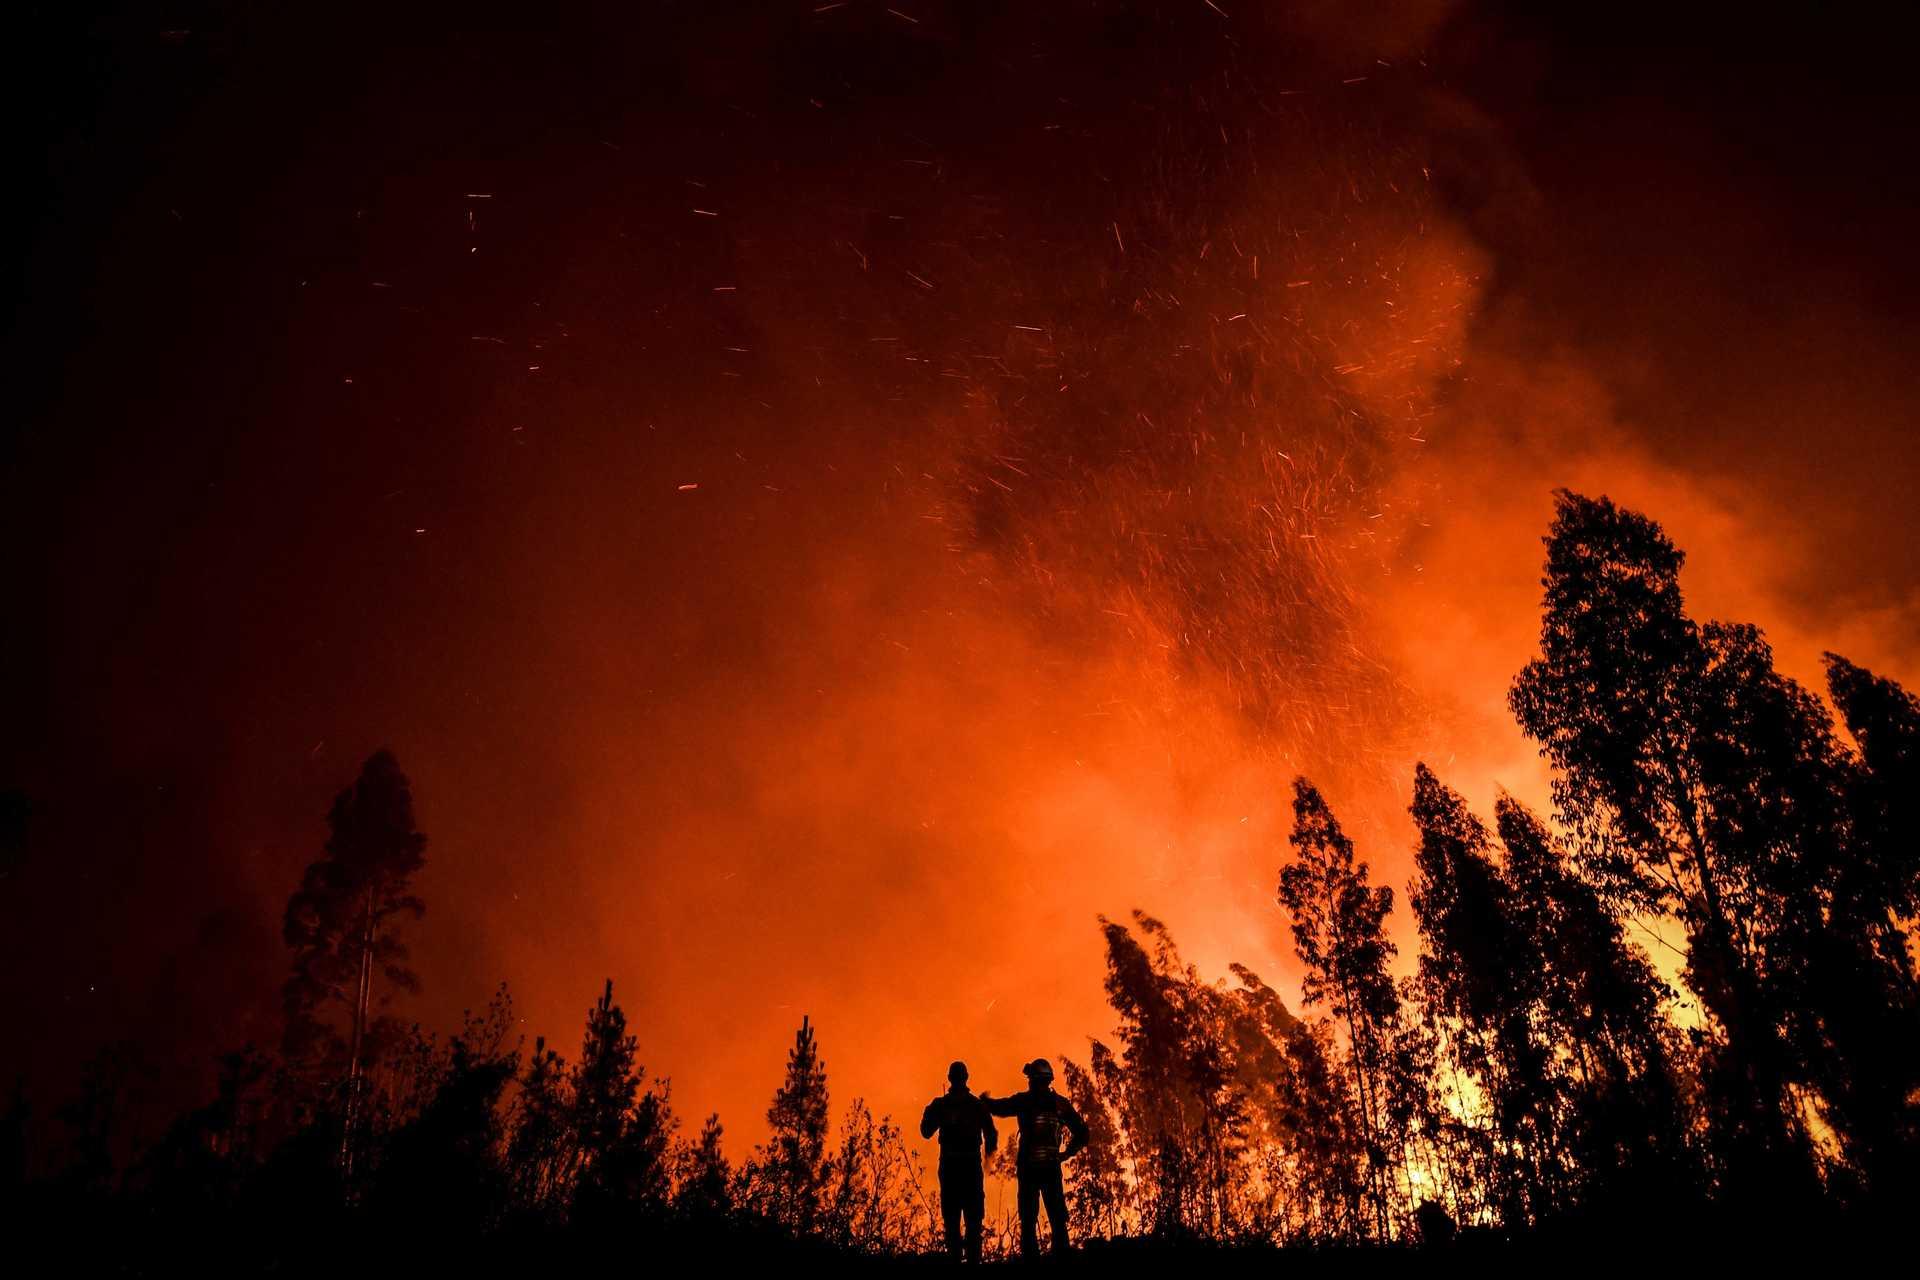 Projeções sombrias: aquecimento global acelera com consequências dramáticas